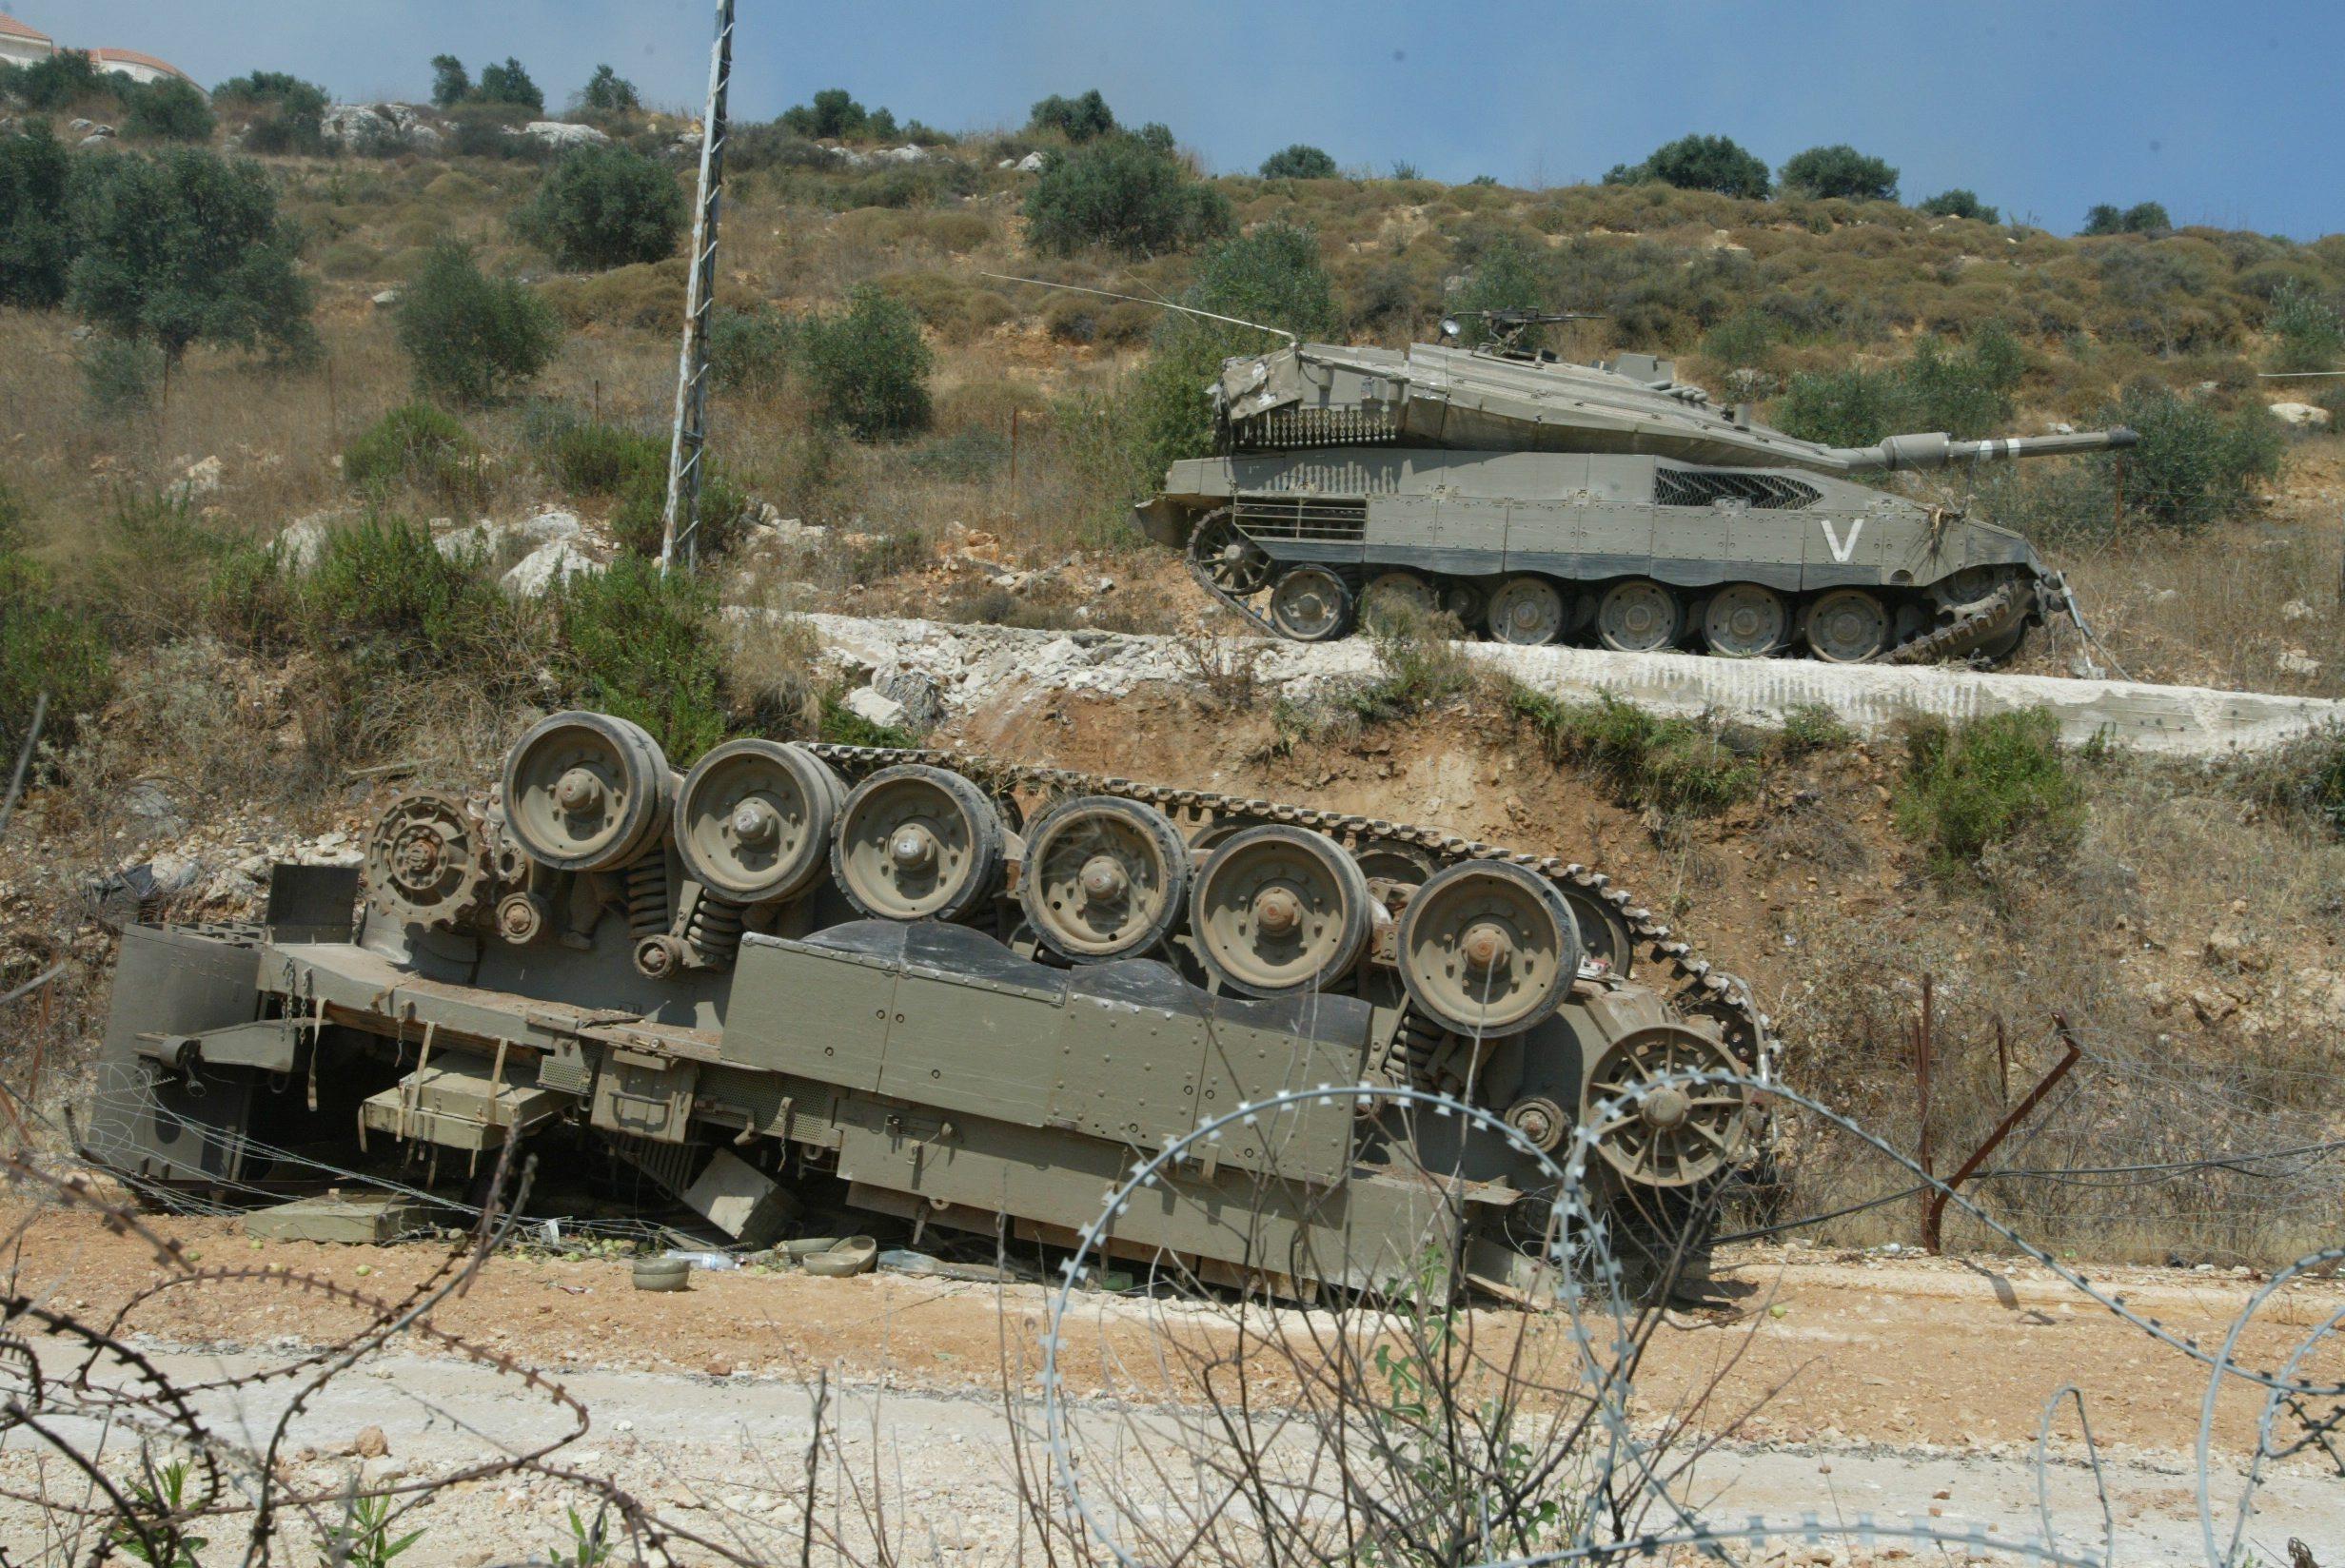 טנק מרכבה ככה צהל שיקר לחיילים ושלח אותם למותם בלבנון  Idf+should+make+a+part+of+the+military+training+where+_04ba41a33c119408d9d07212aa14ebdb